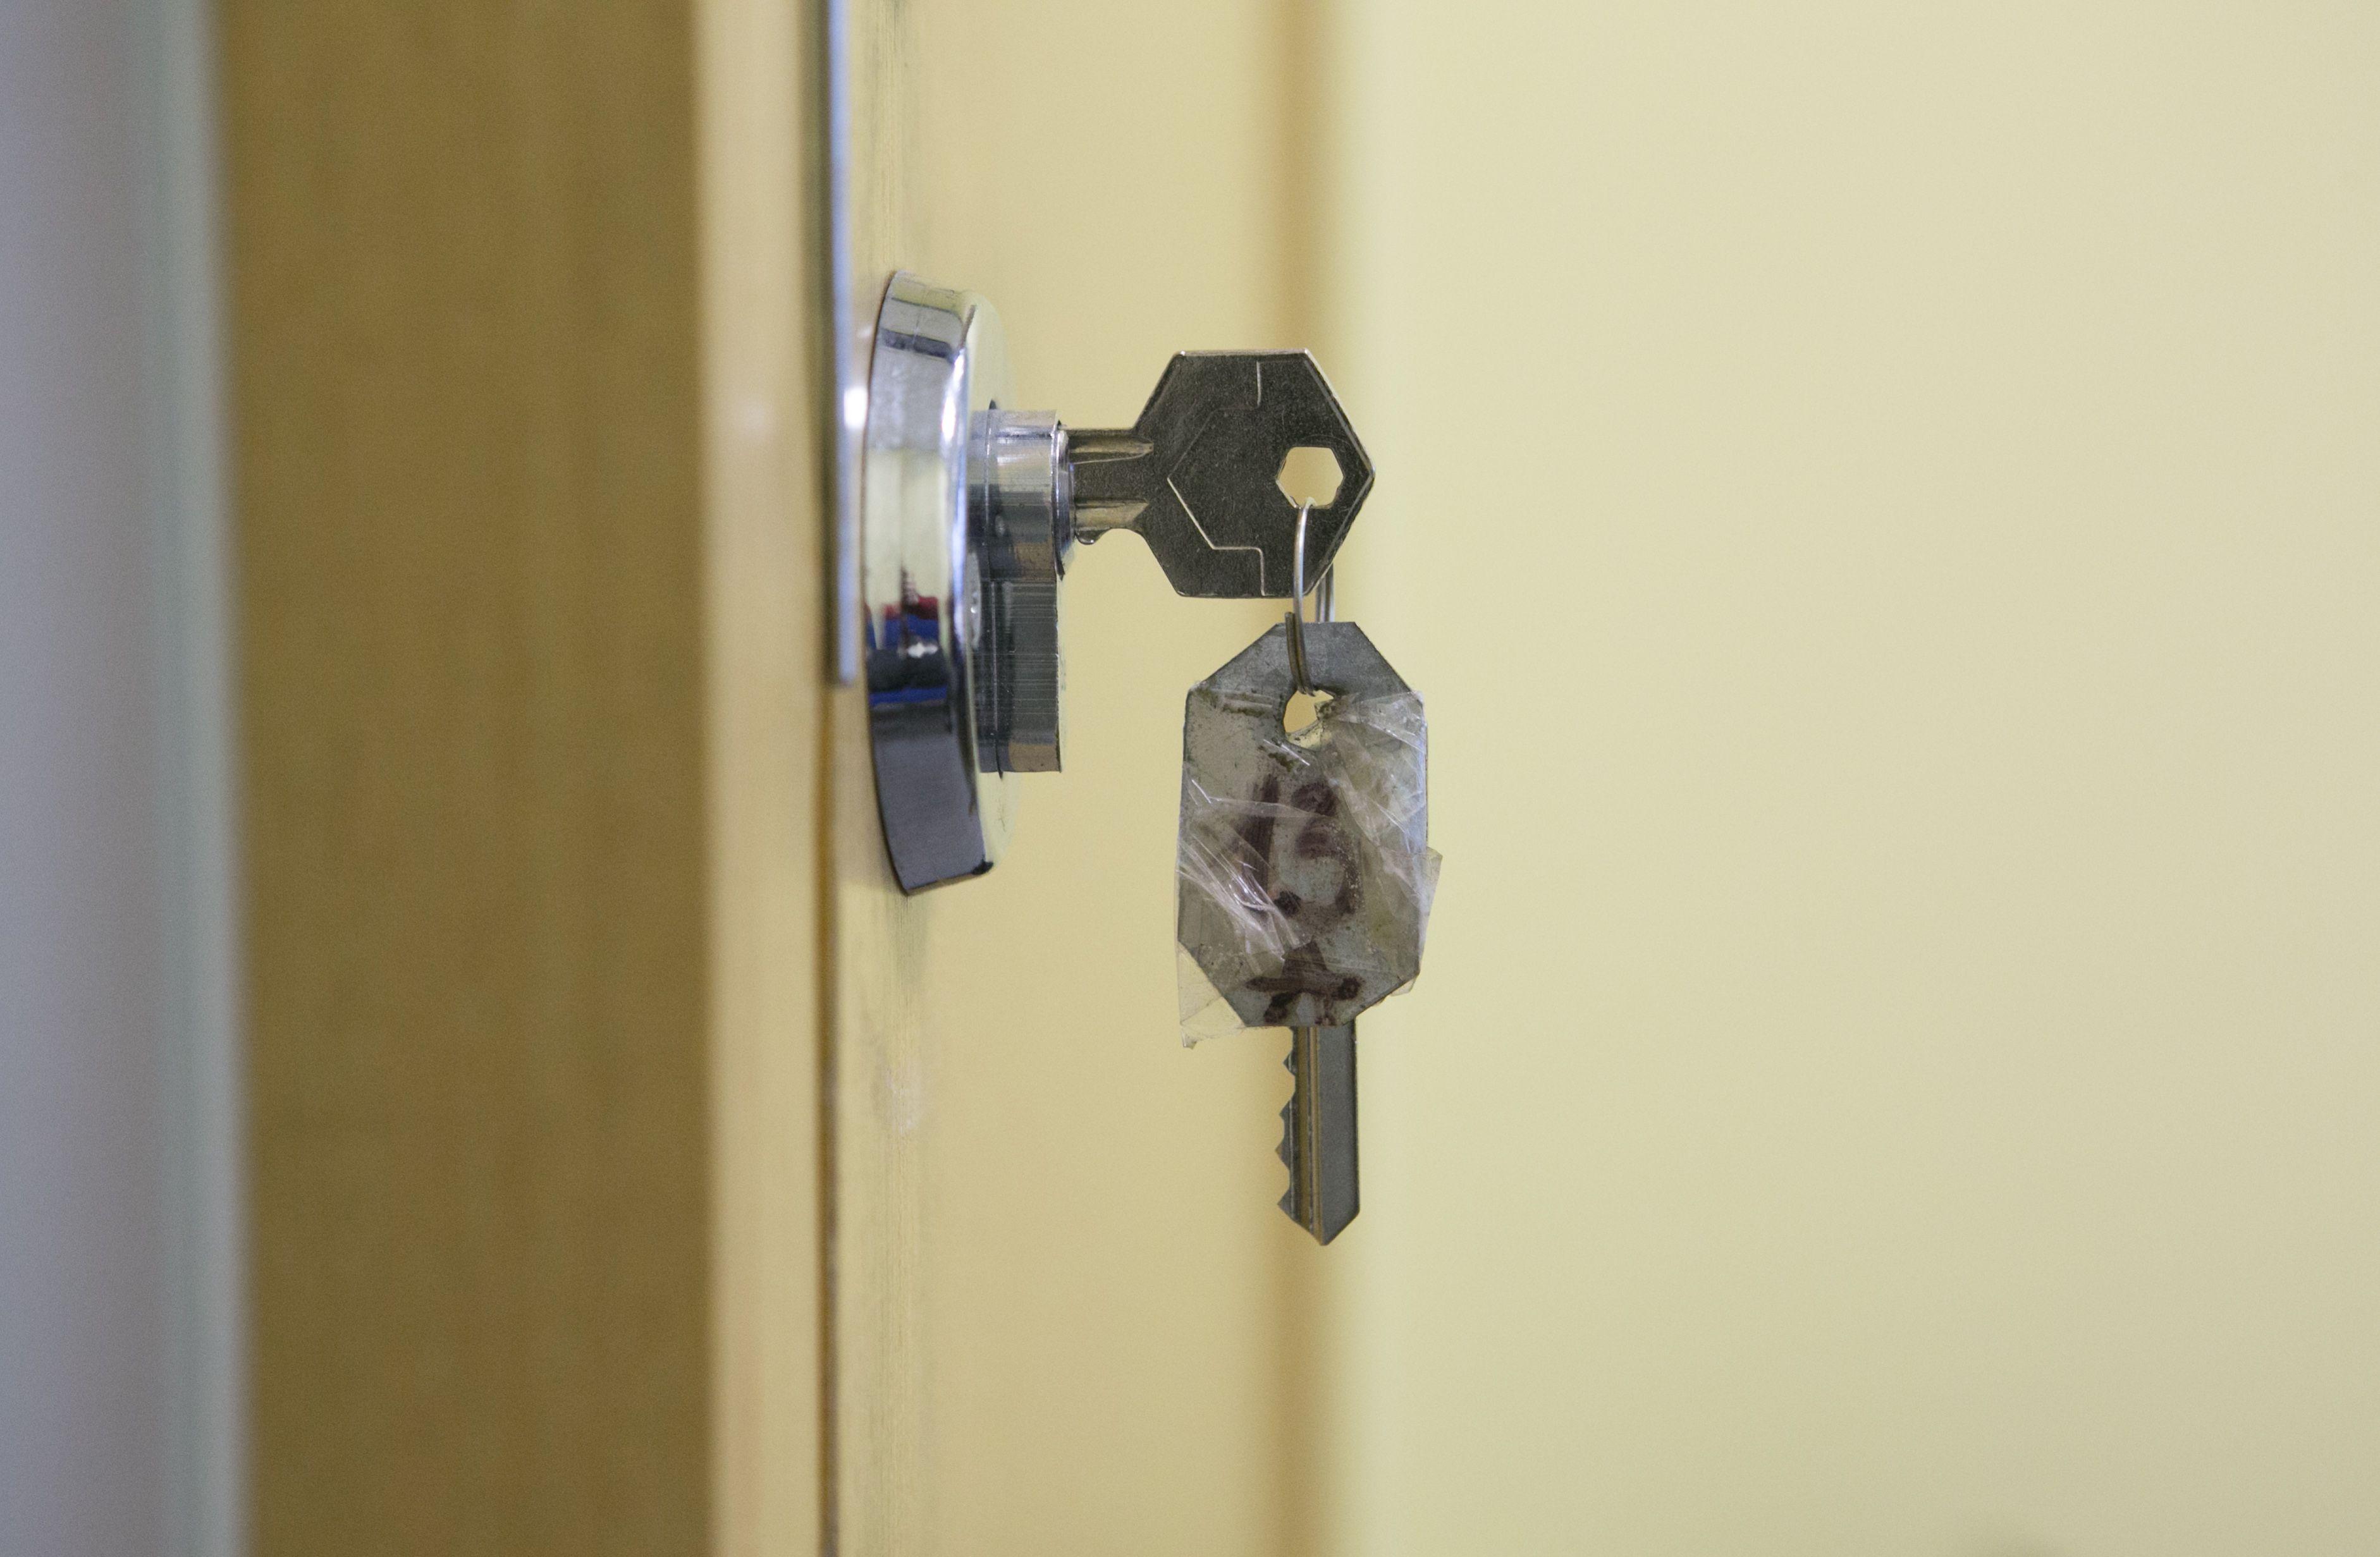 Siūlo uždirbti iš laikinai atsilaisvinusio savo buto